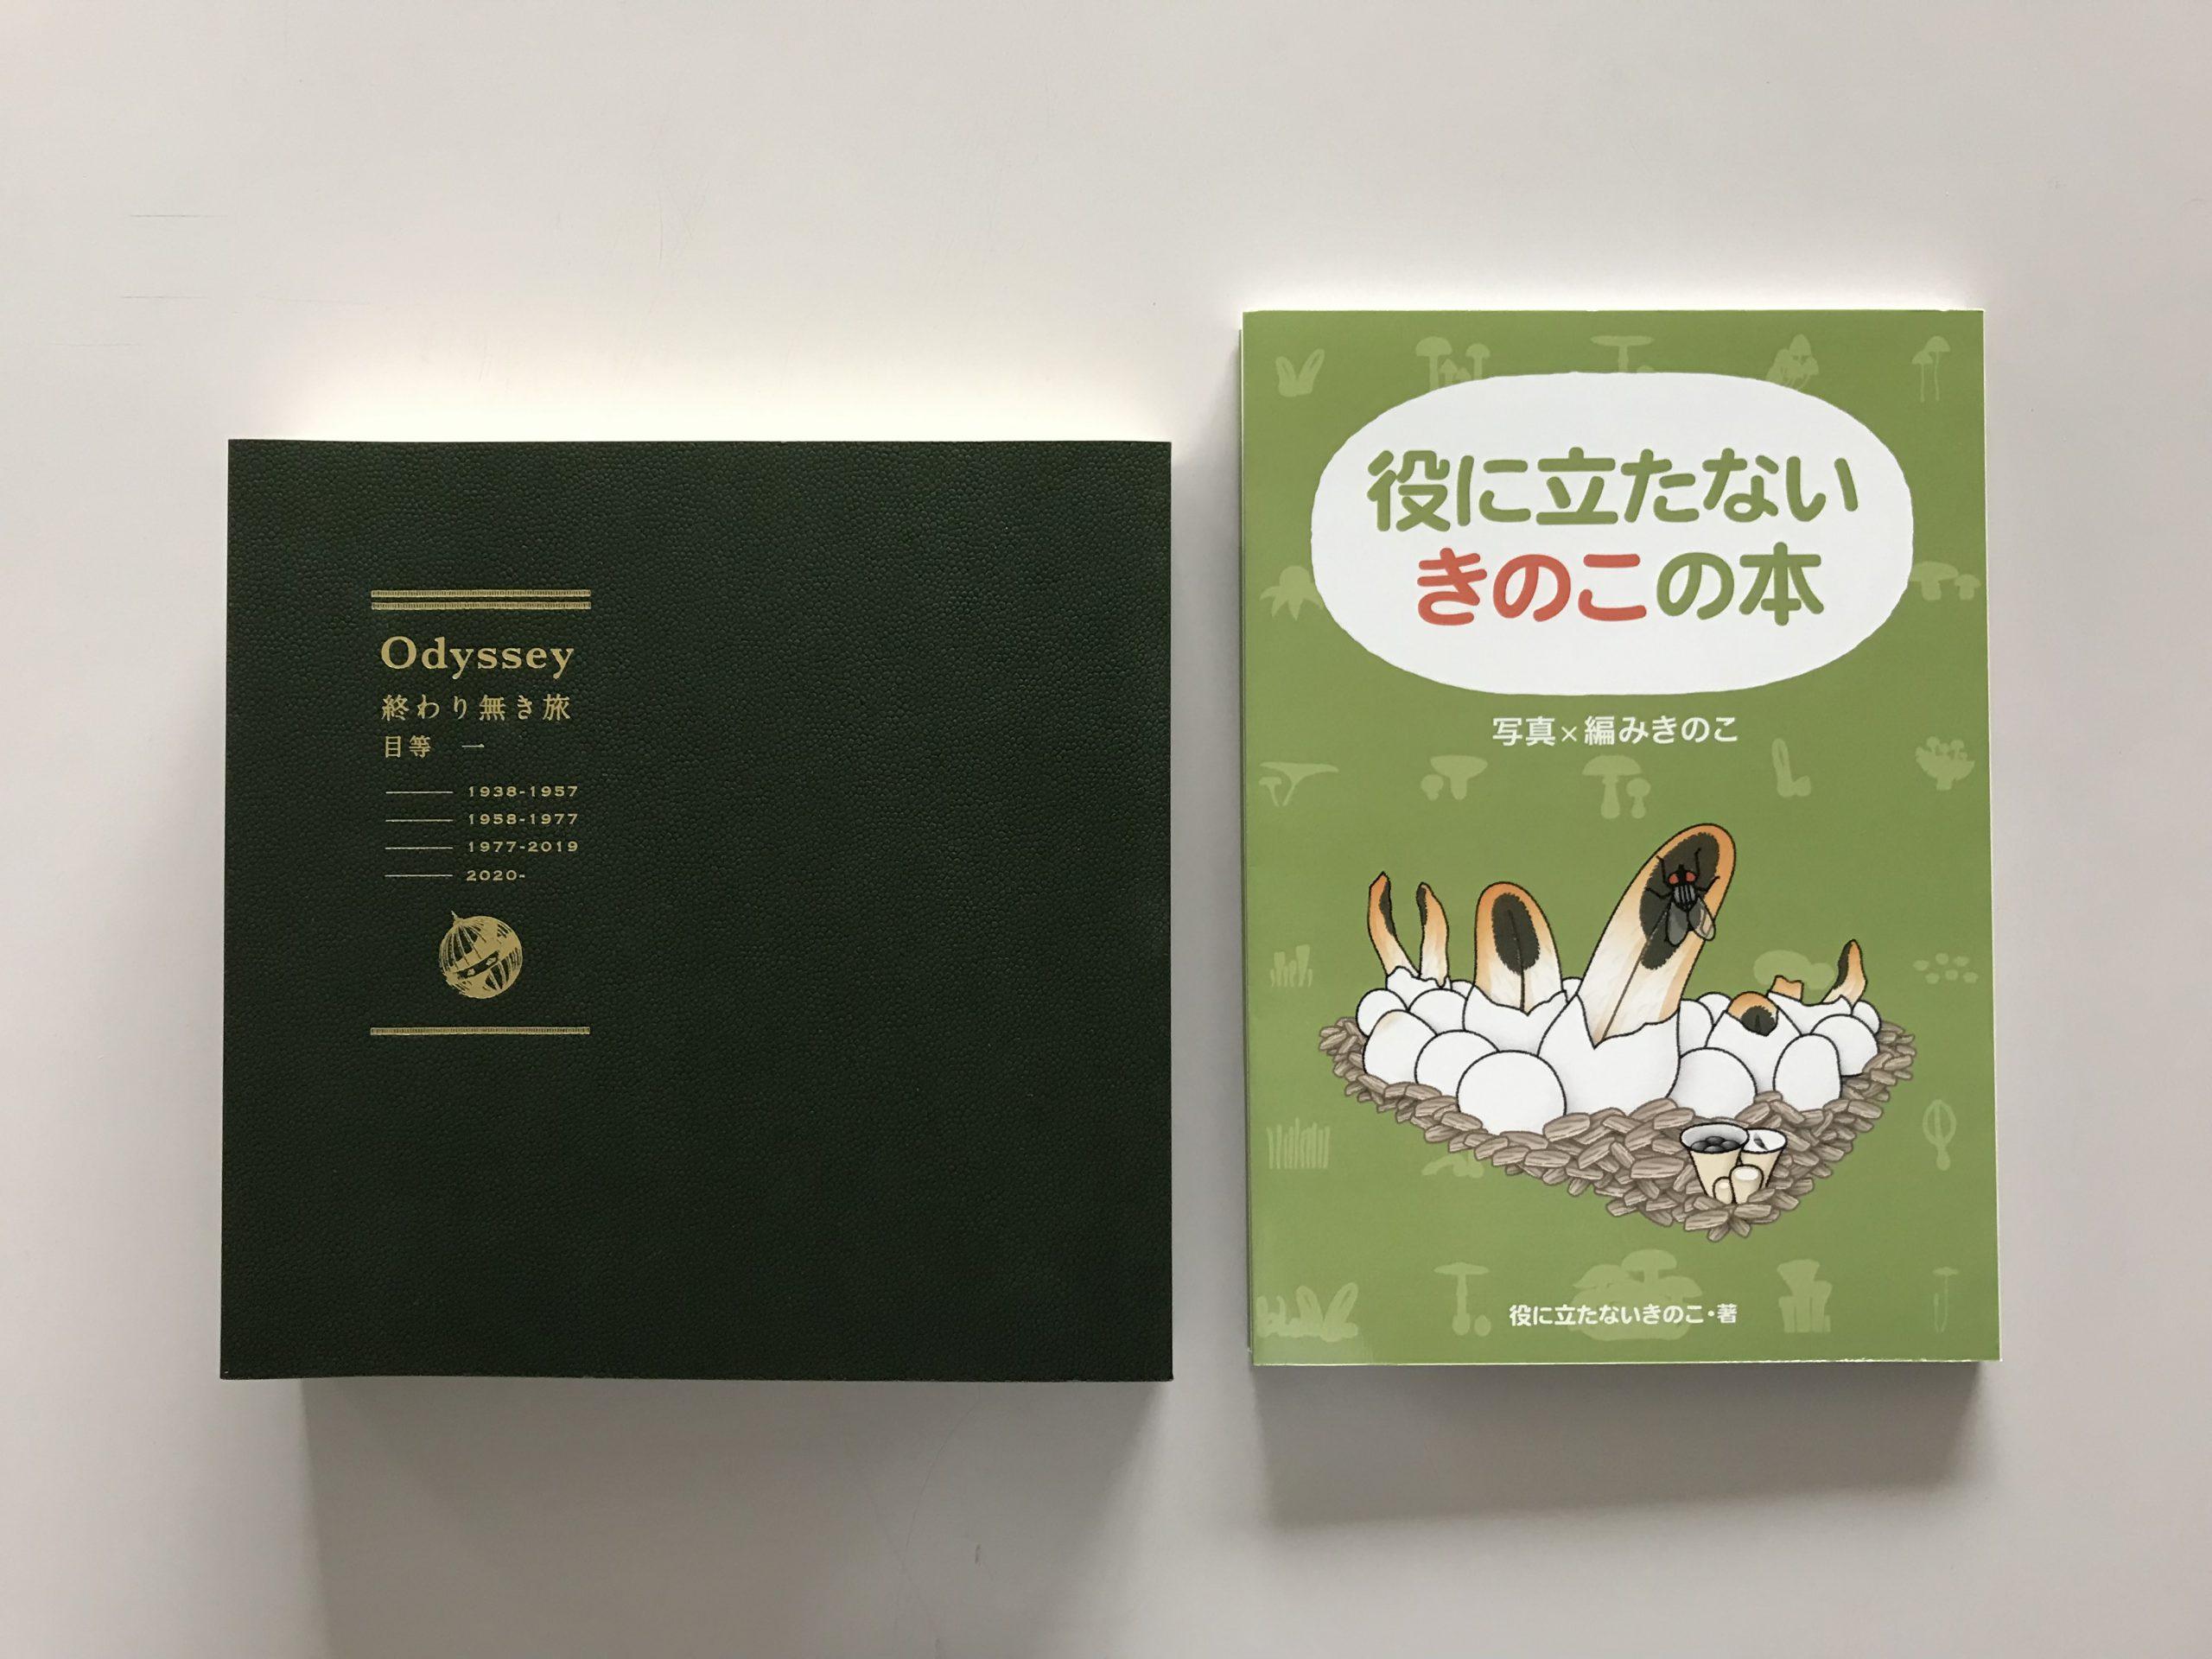 第24回日本自費出版文化賞入賞作品『Odyssey 終わり無き旅』『やくにたたないきのこの本』書影